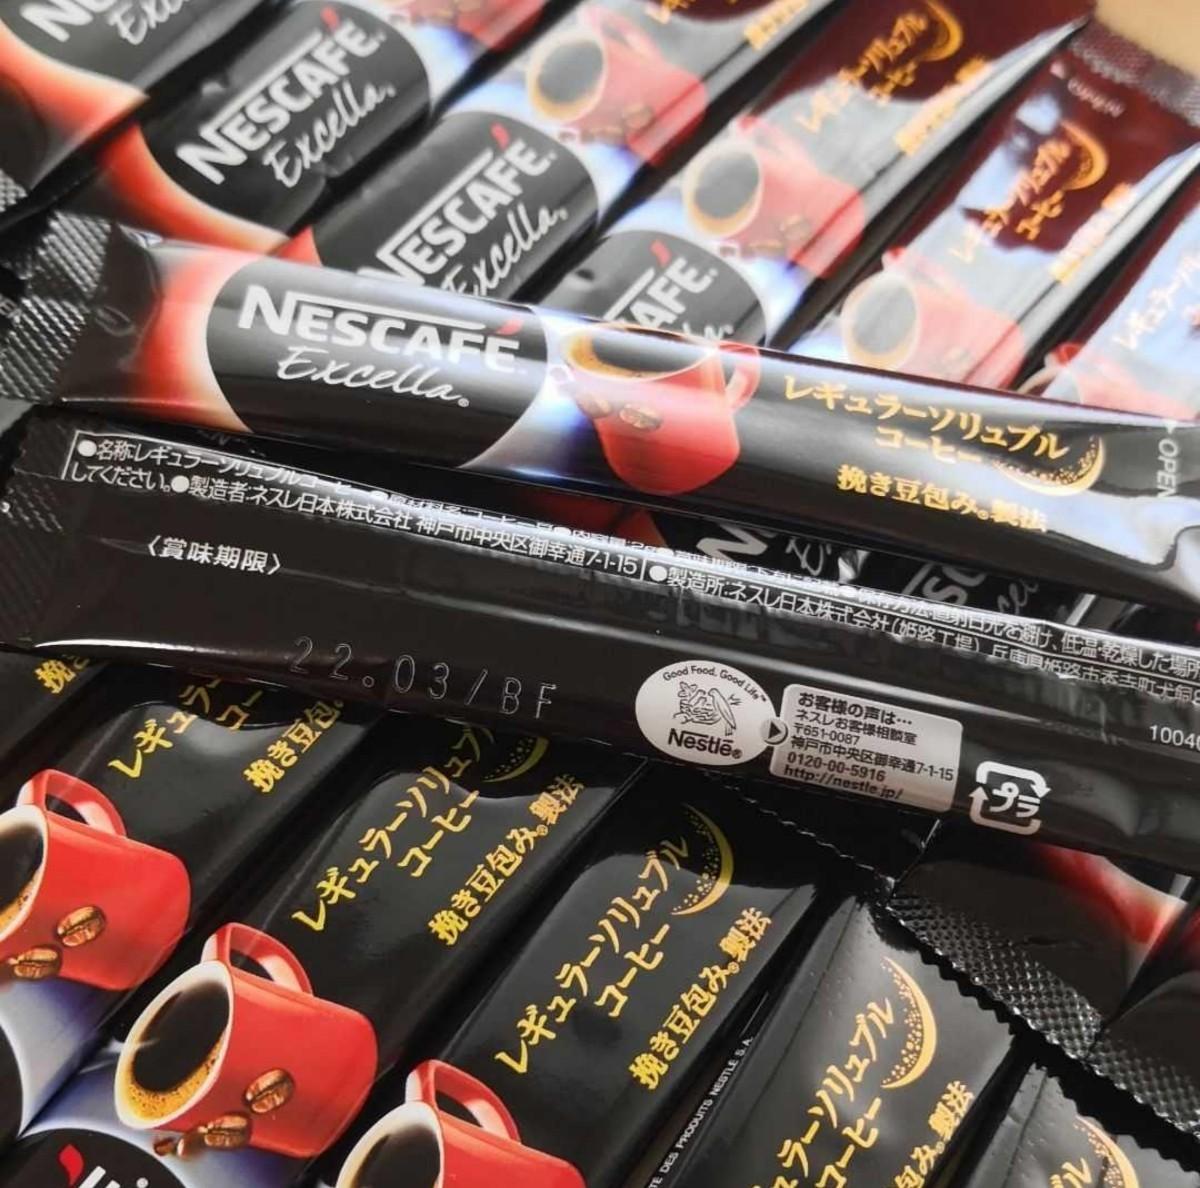 【120本】ネスカフェ エクセラ ◆ブラック スティックコーヒー Nestle NESCAFE インスタントコーヒー